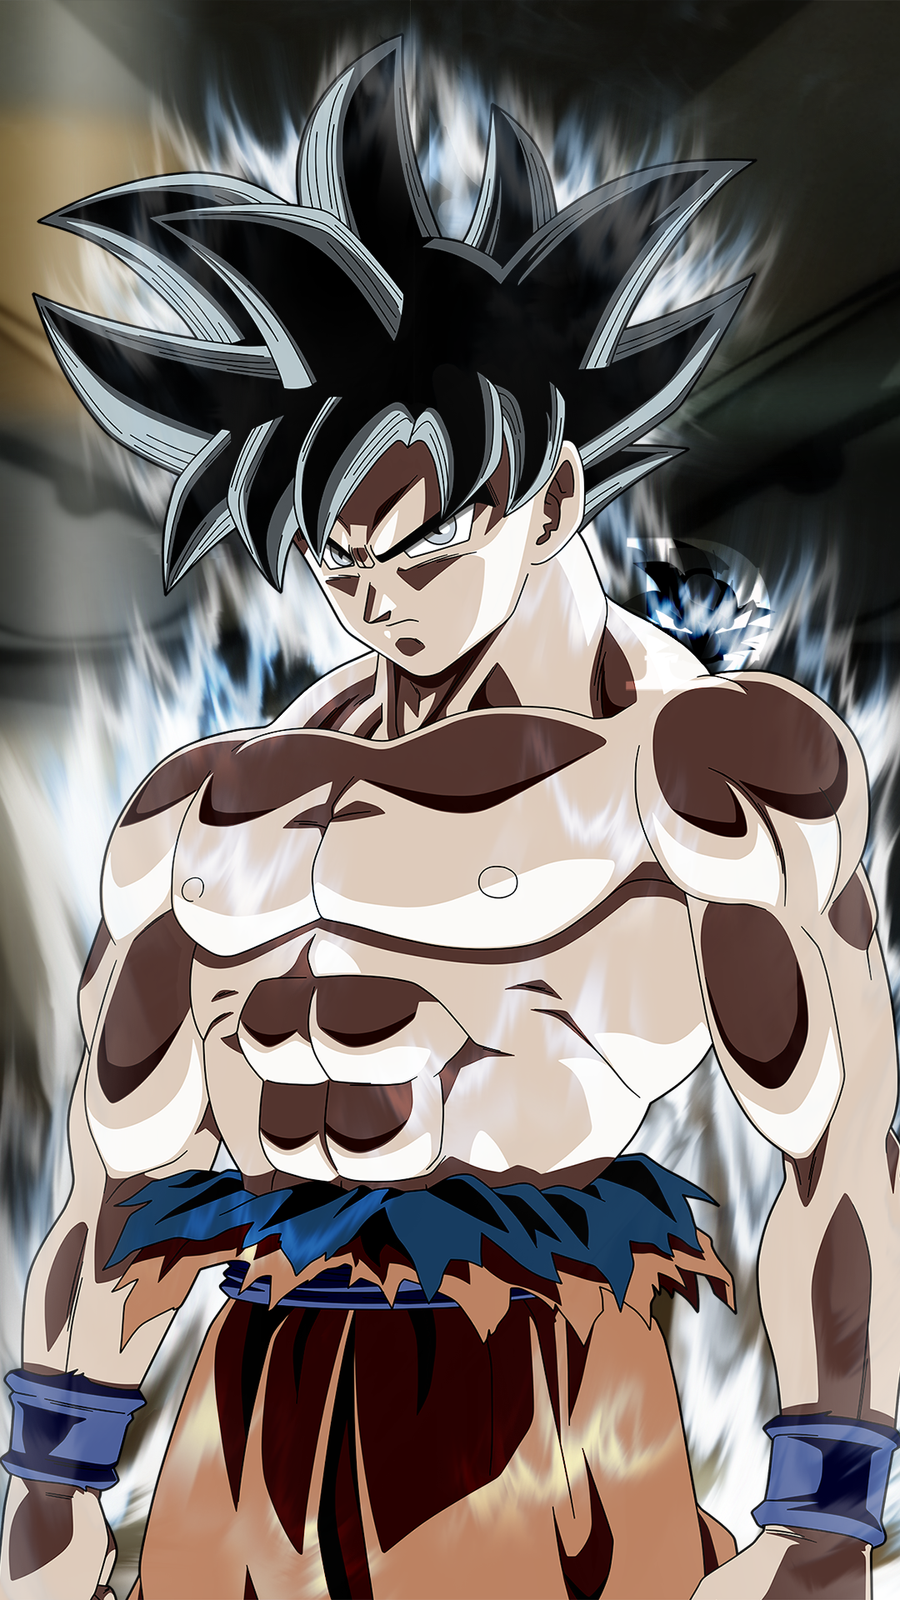 Image Result For Anime Live Wallpaper Goku Limit Breaker